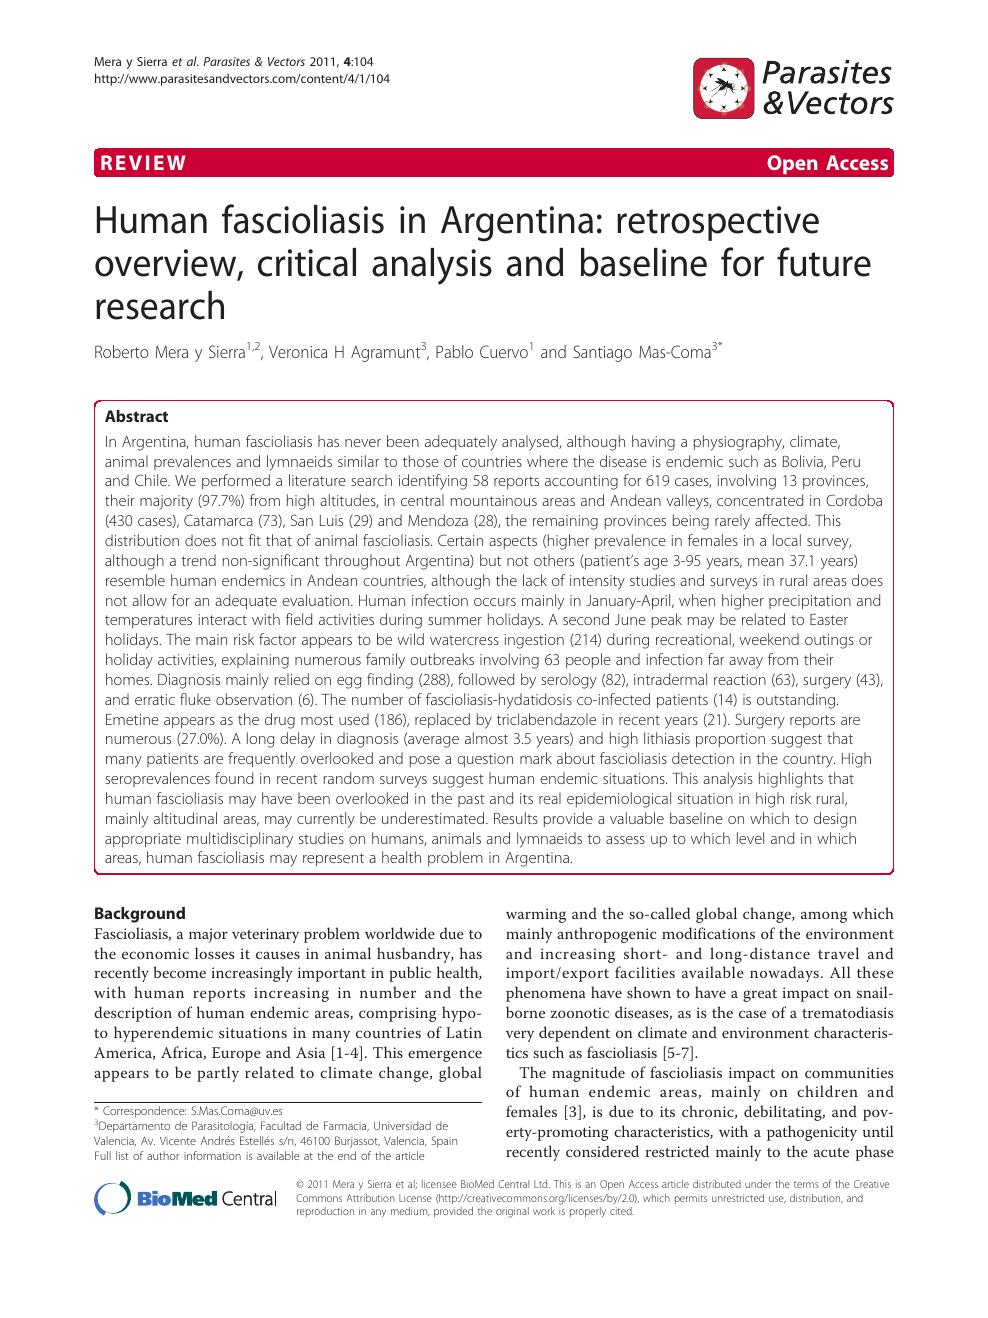 Fascioliasis fórum. Bélféreg forum. Hogy a giardiasis átterjed e személyről emberre